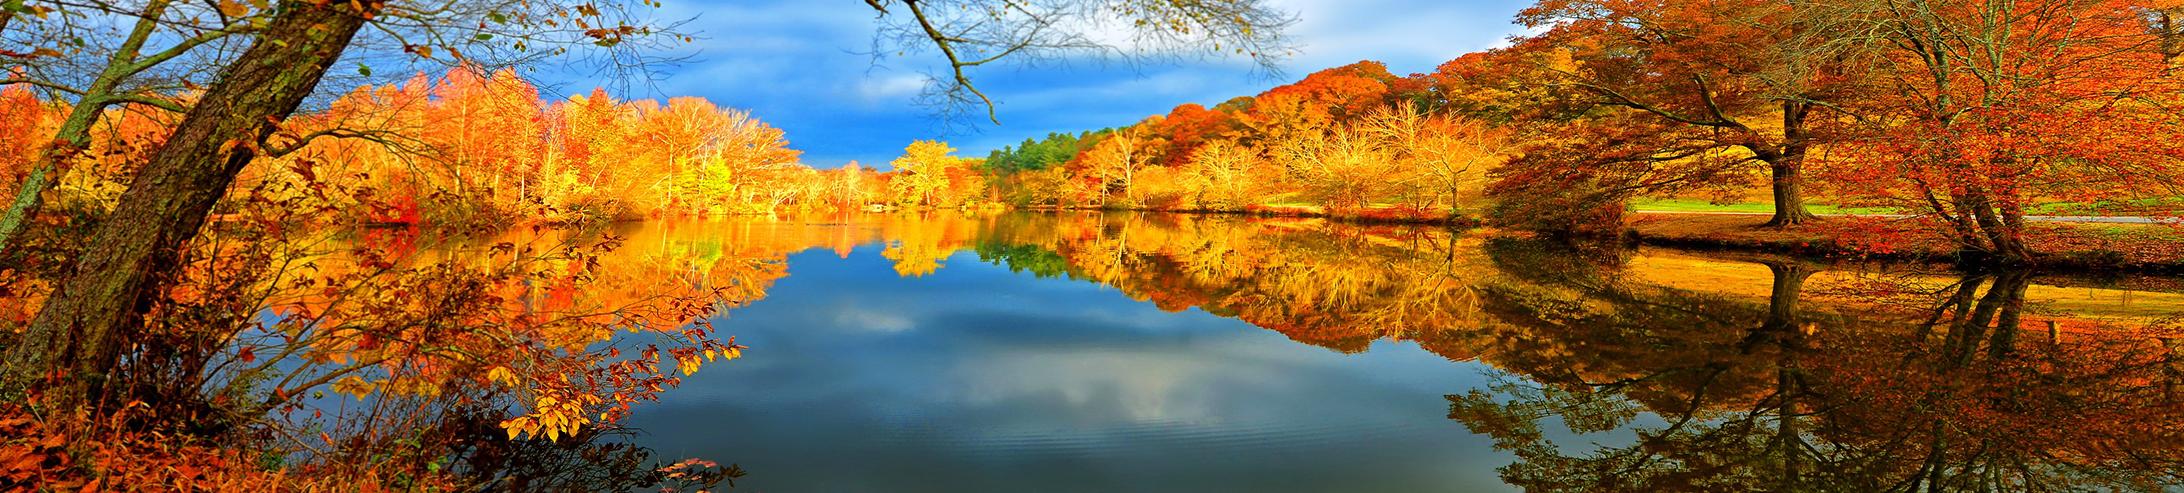 036 Photo carrousel Lac en automne